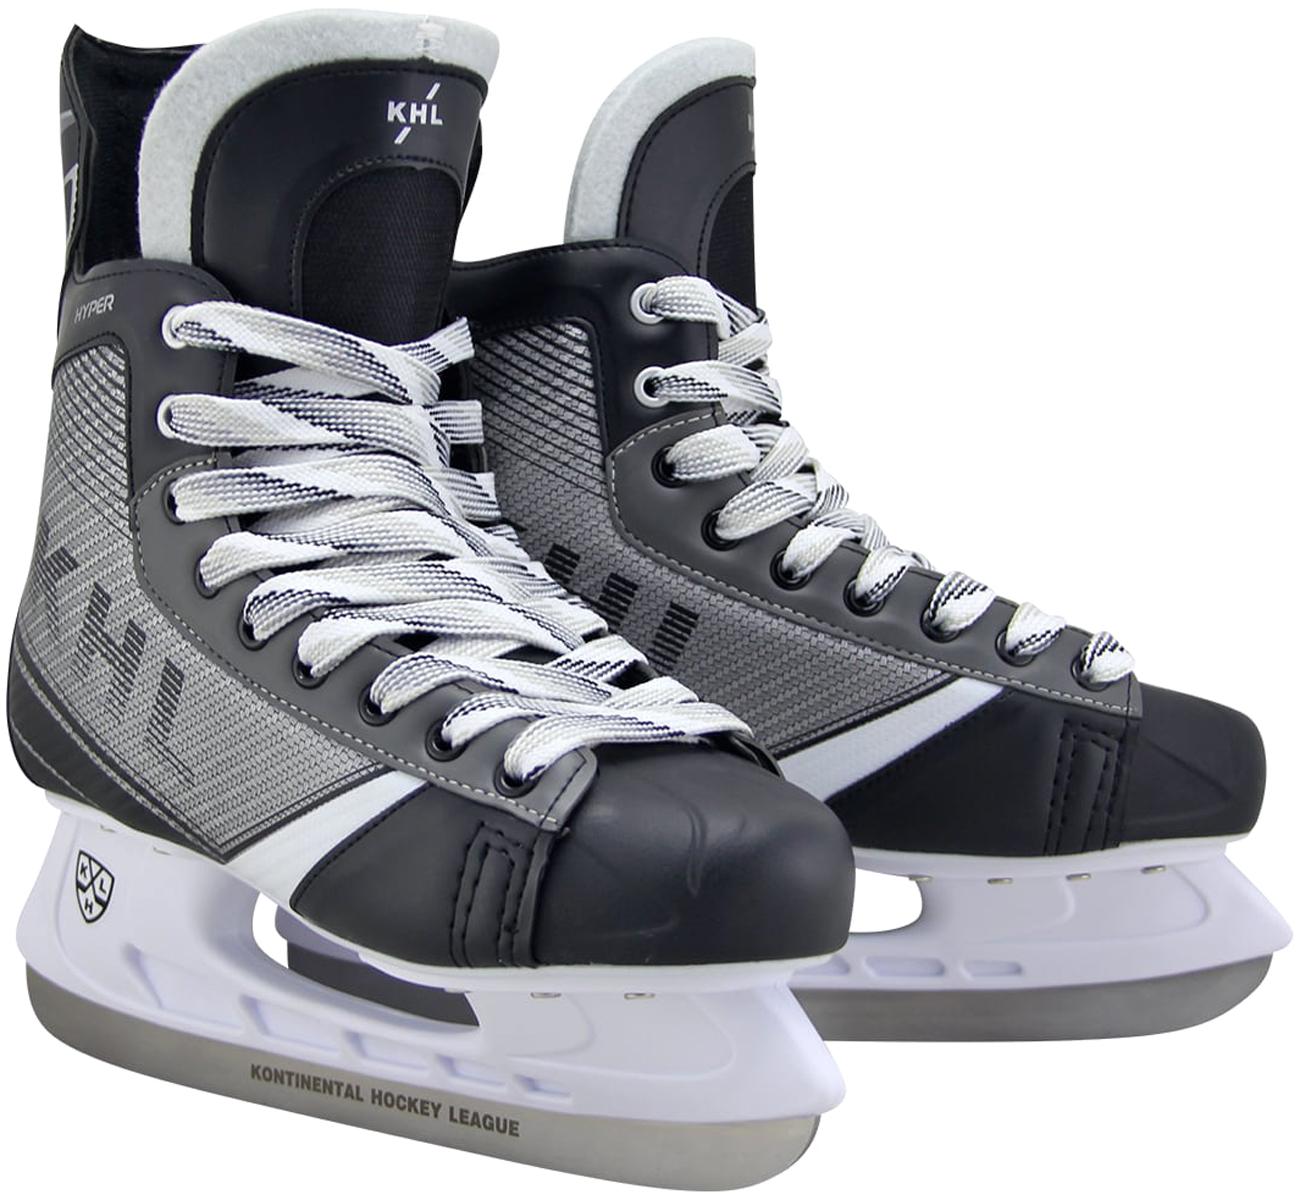 Коньки хоккейные мужские KHL Hyper, цвет: серый, черный, белый. Размер 46